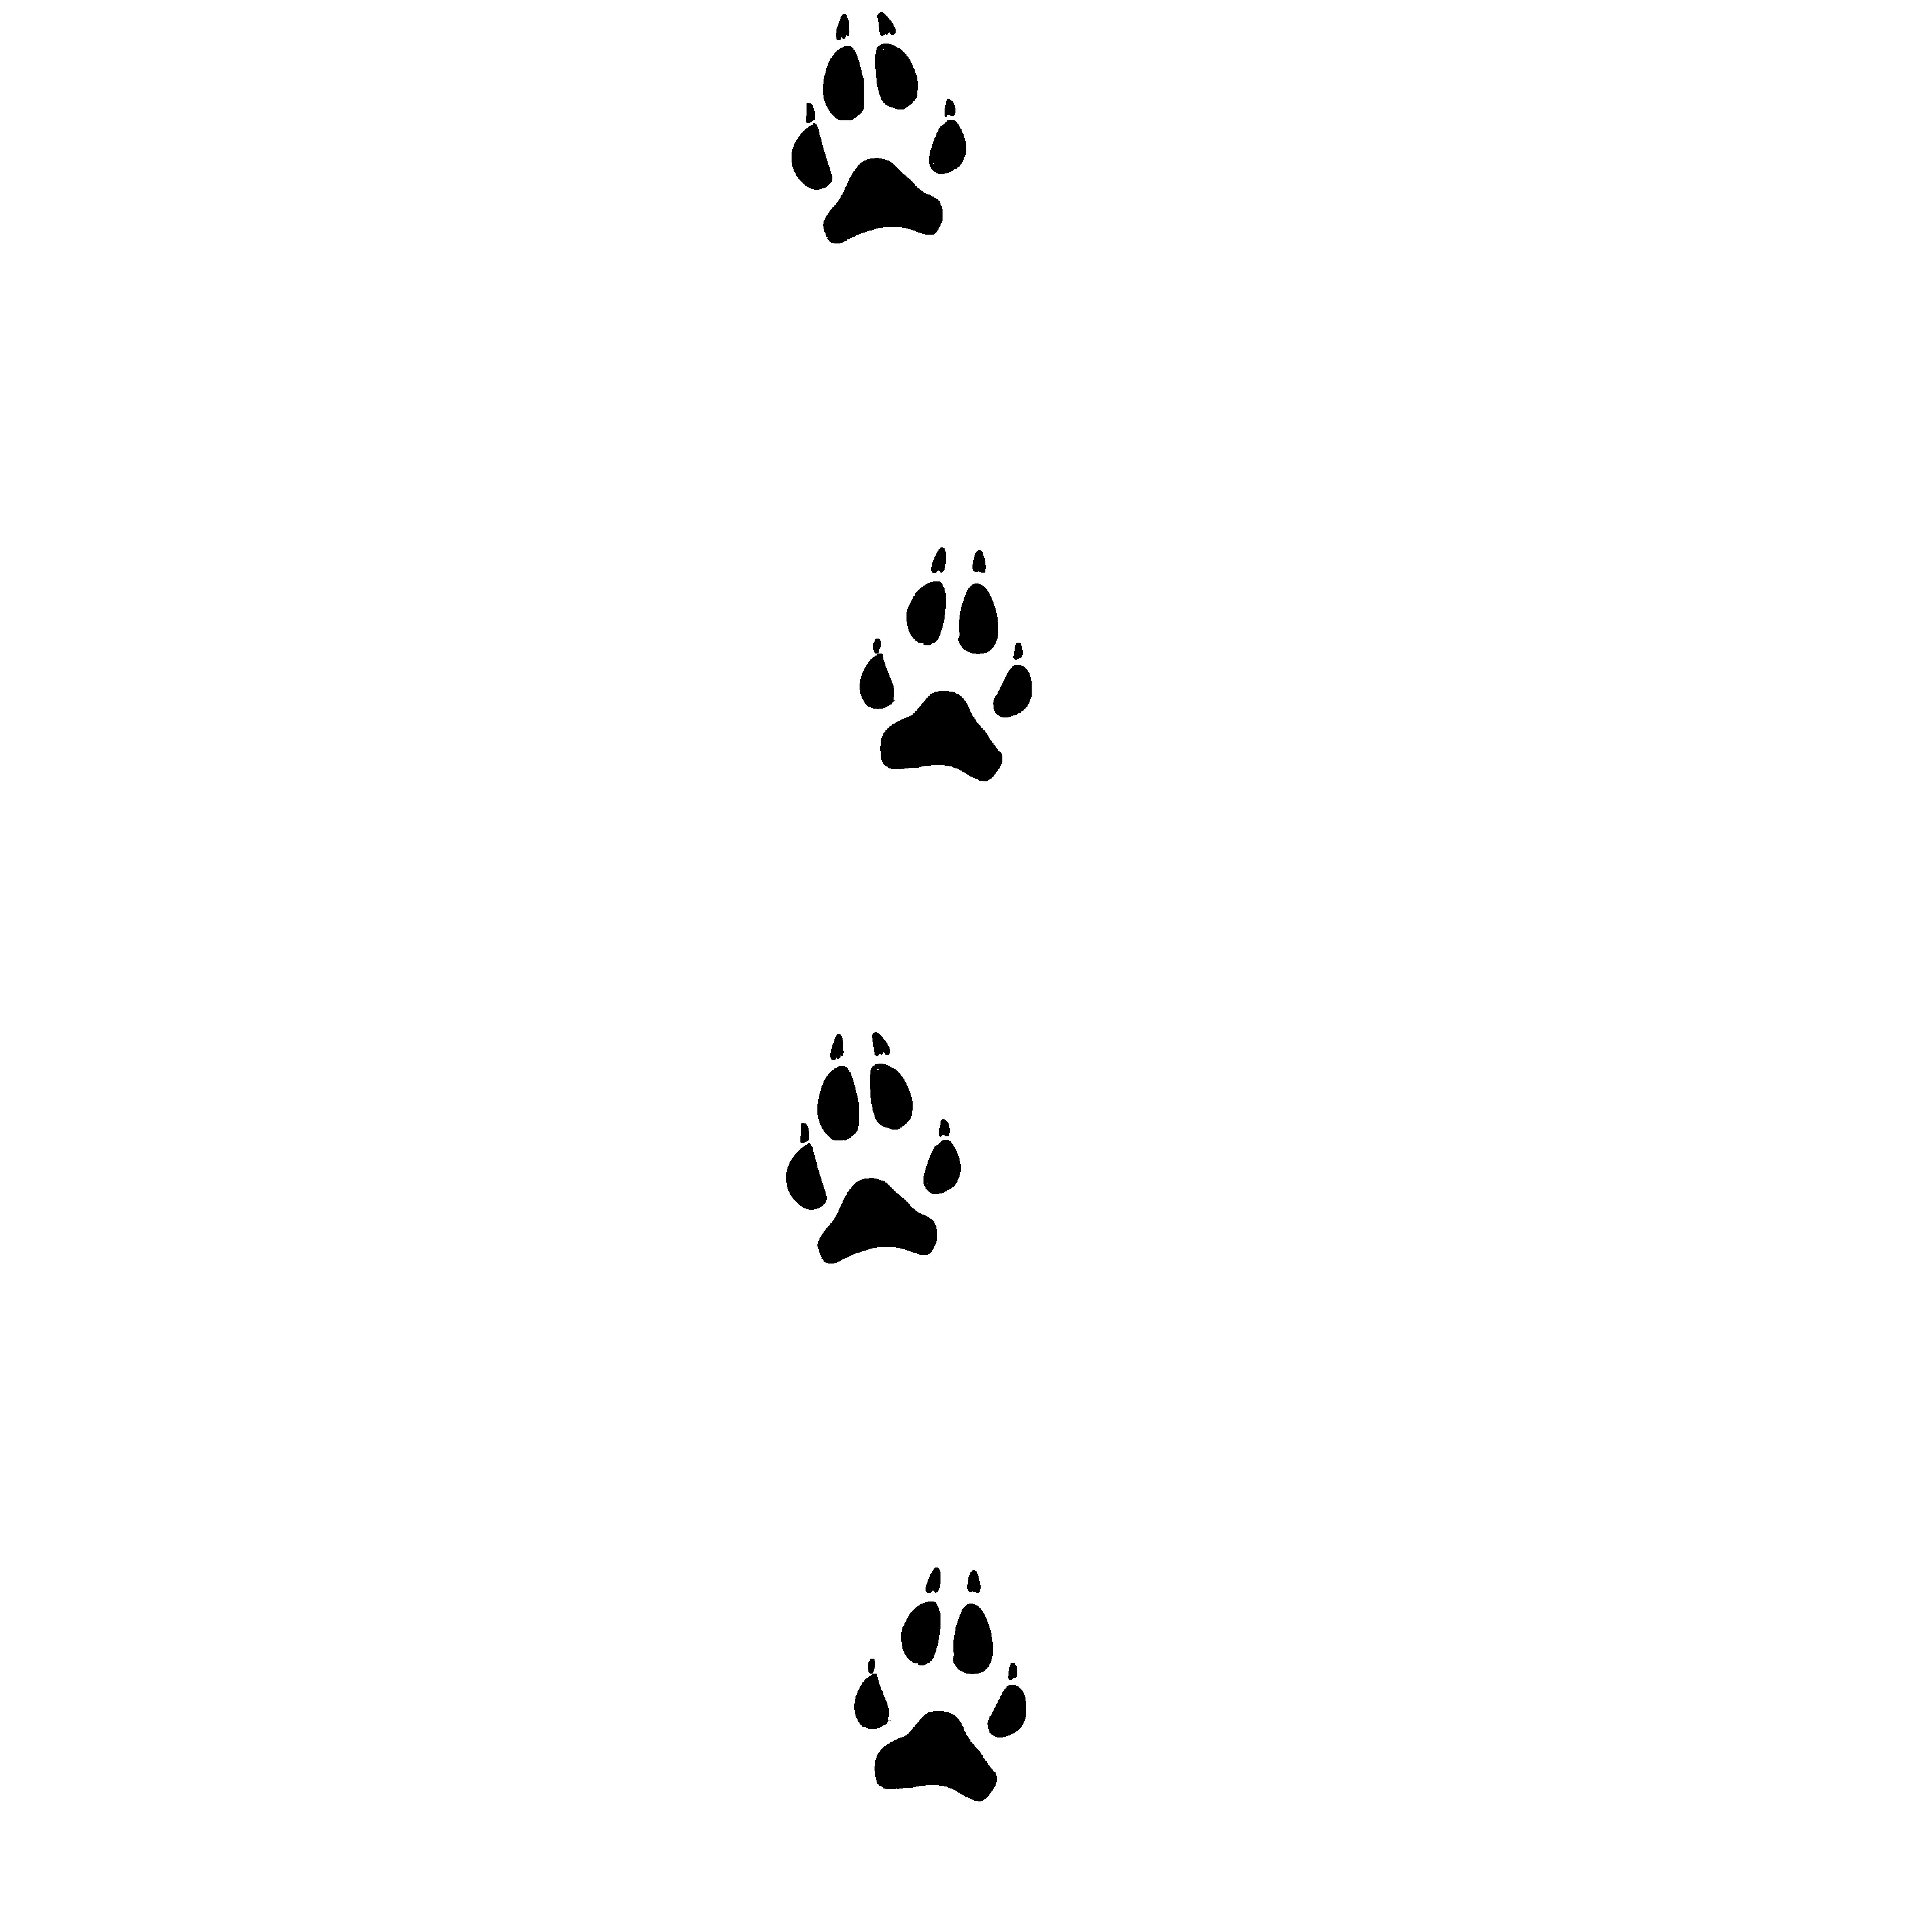 Pfotenabdruck eines Wolfes